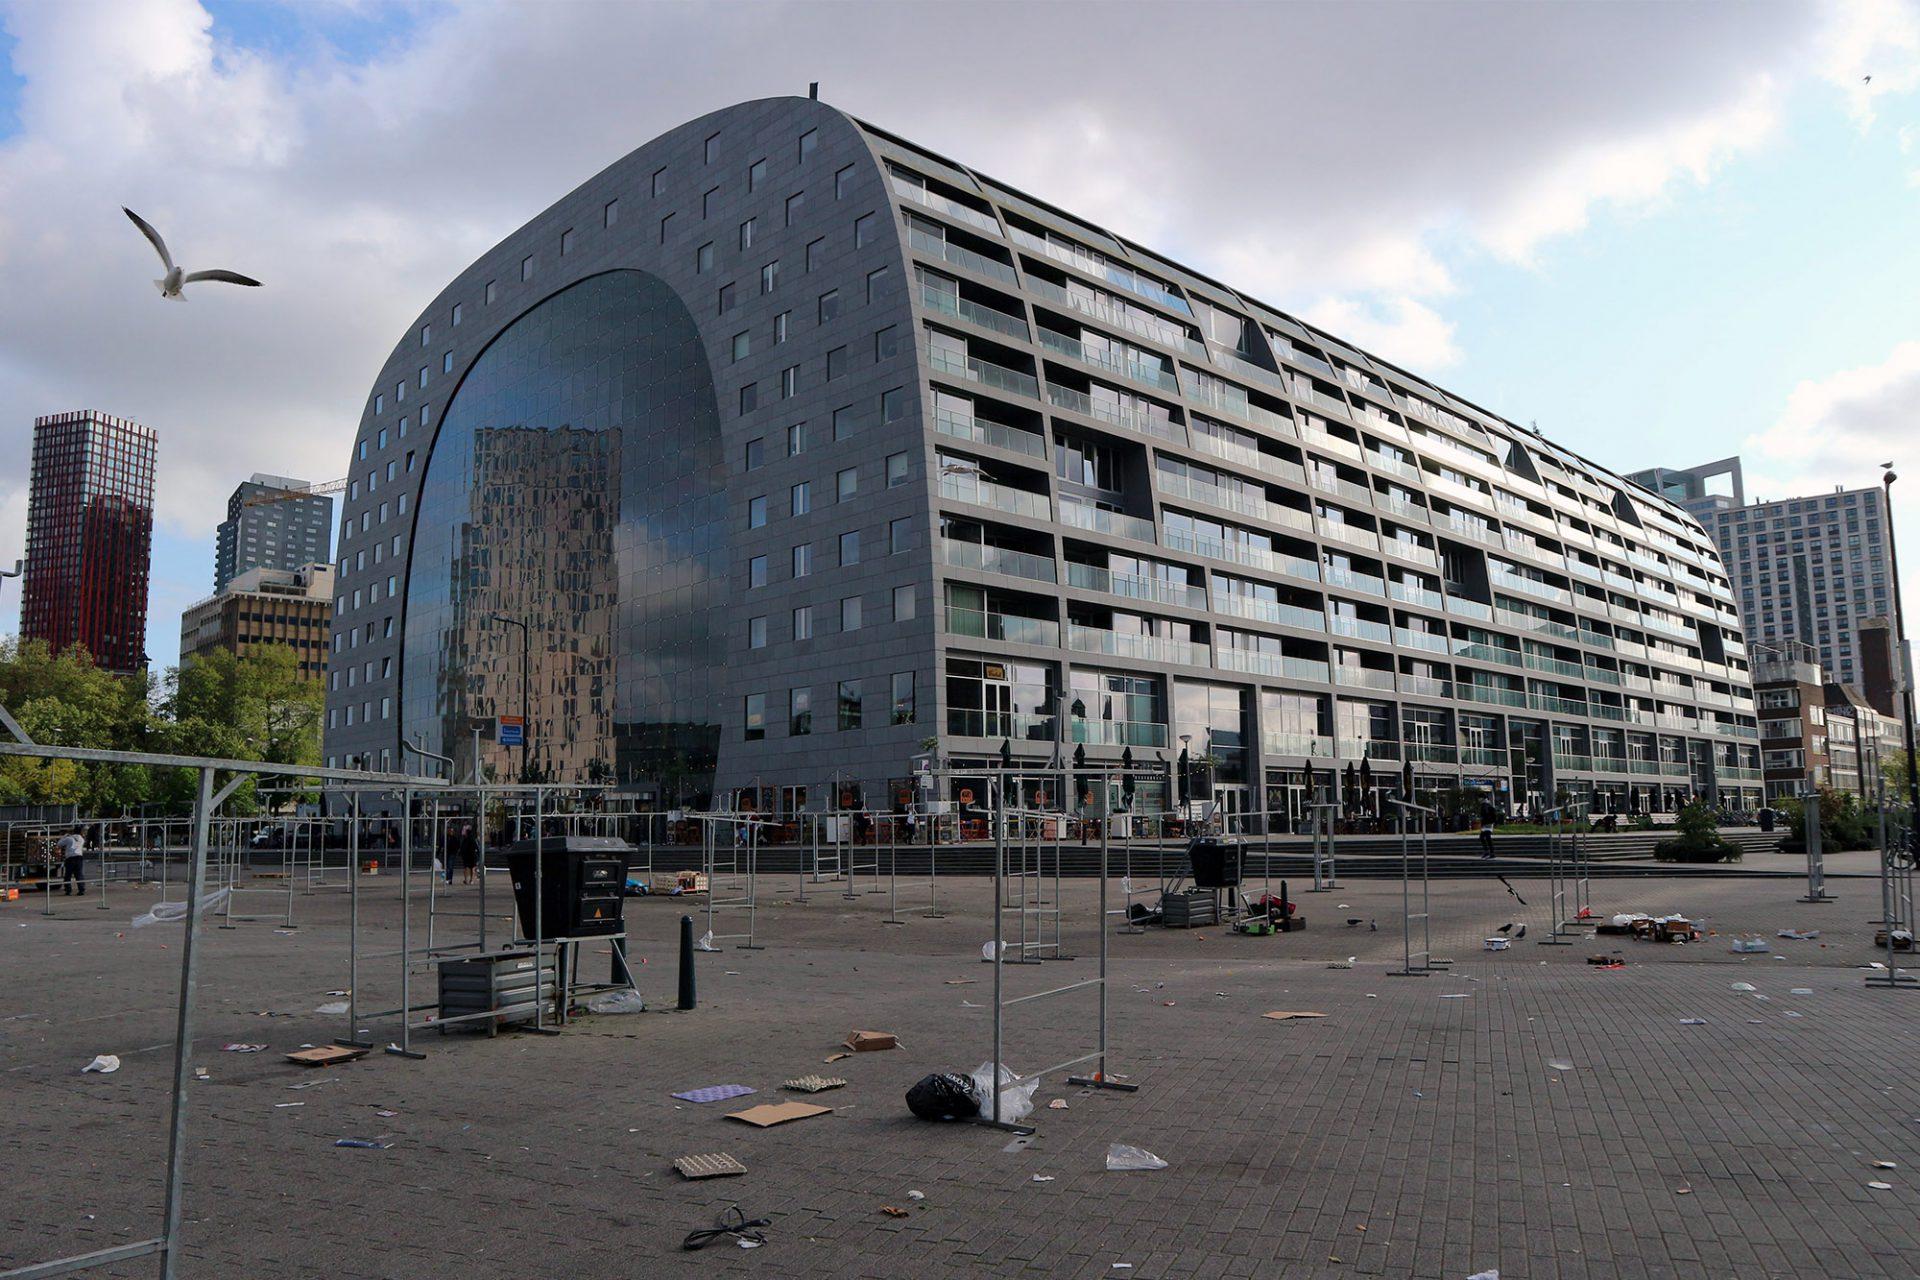 Markthal. Außen Wohnungen, innen Obst. Die neue Markthalle ist 120 m lang, 70 m breit und 40 m hoch.